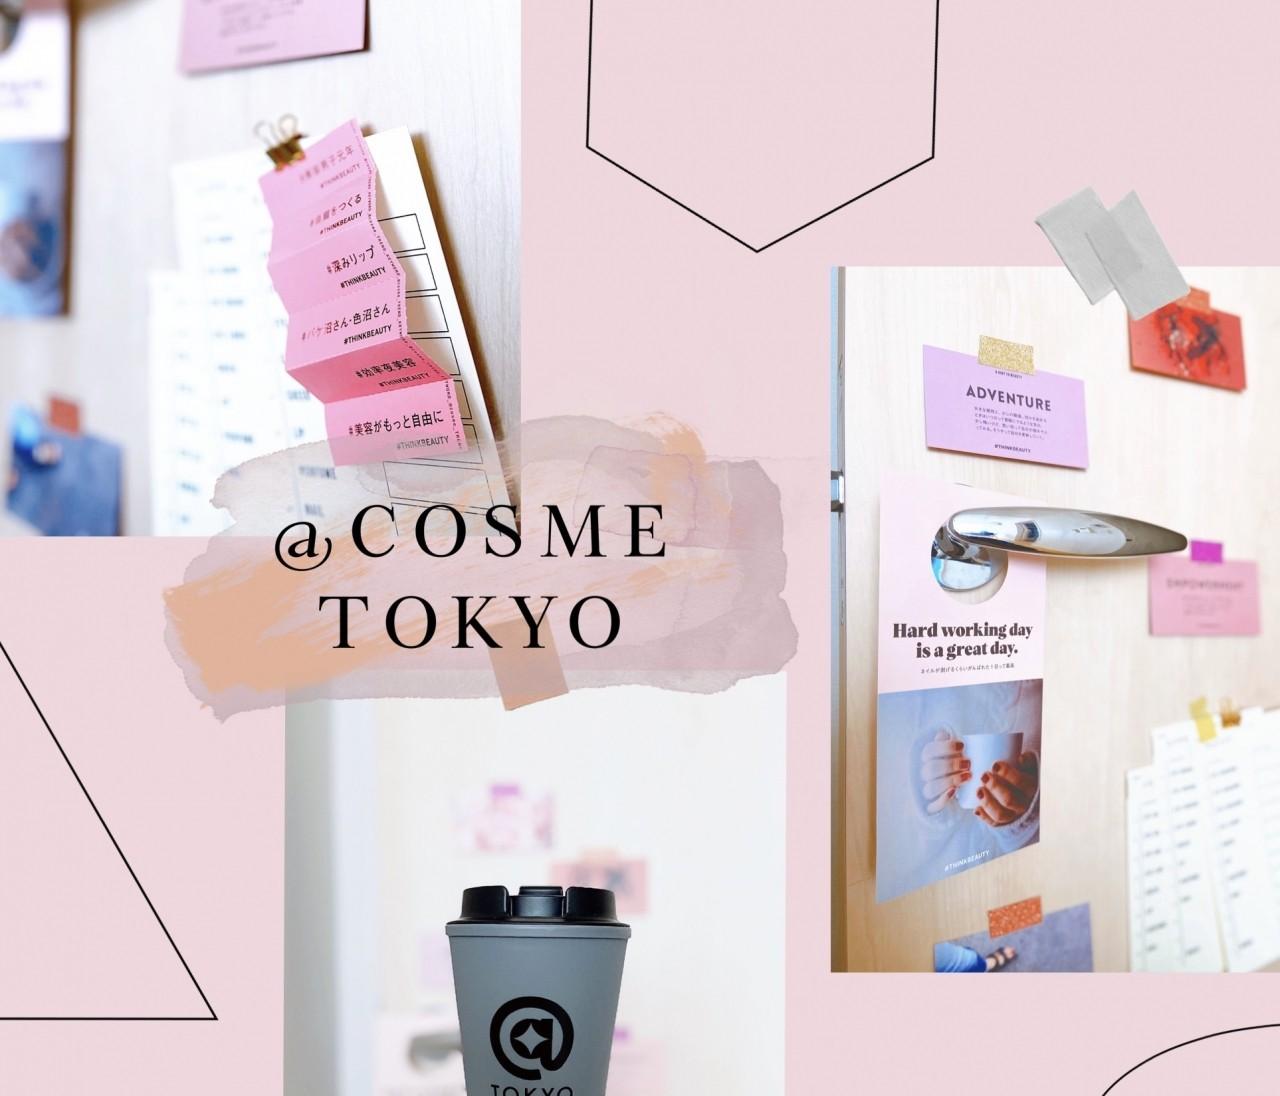 原宿にコスメ王国!@cosme TOKYO